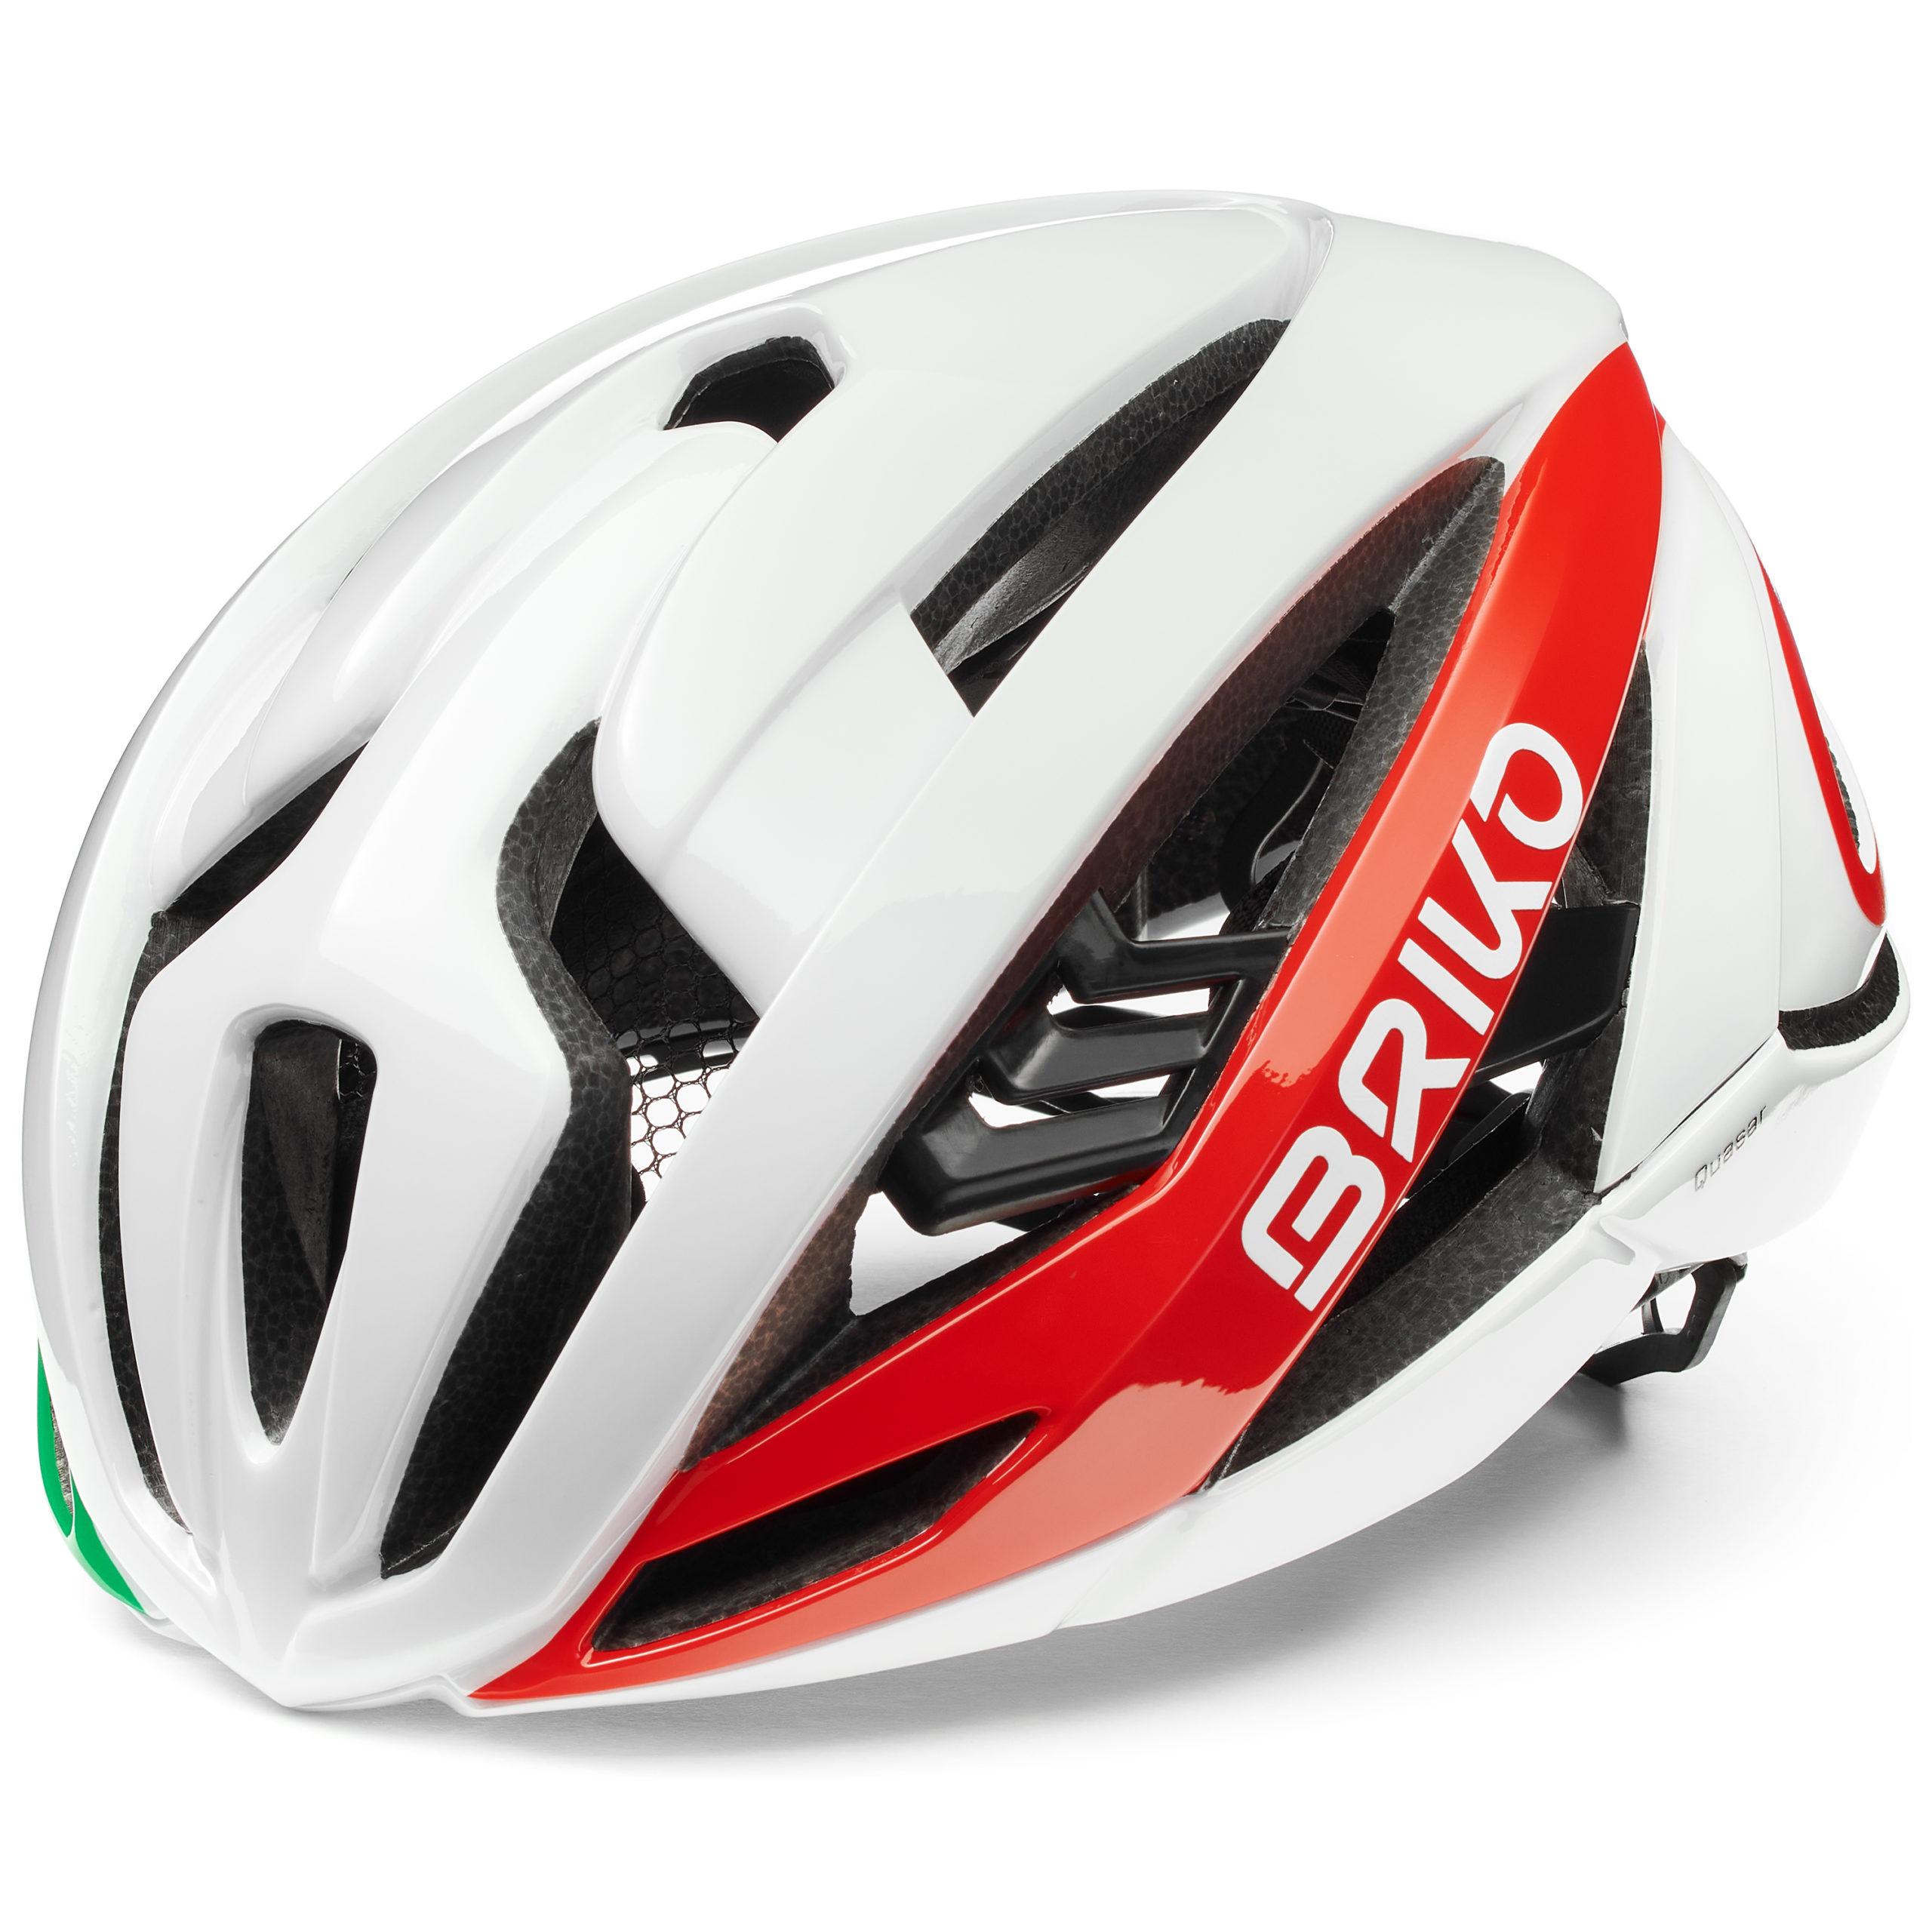 Abbigliamento Briko casco